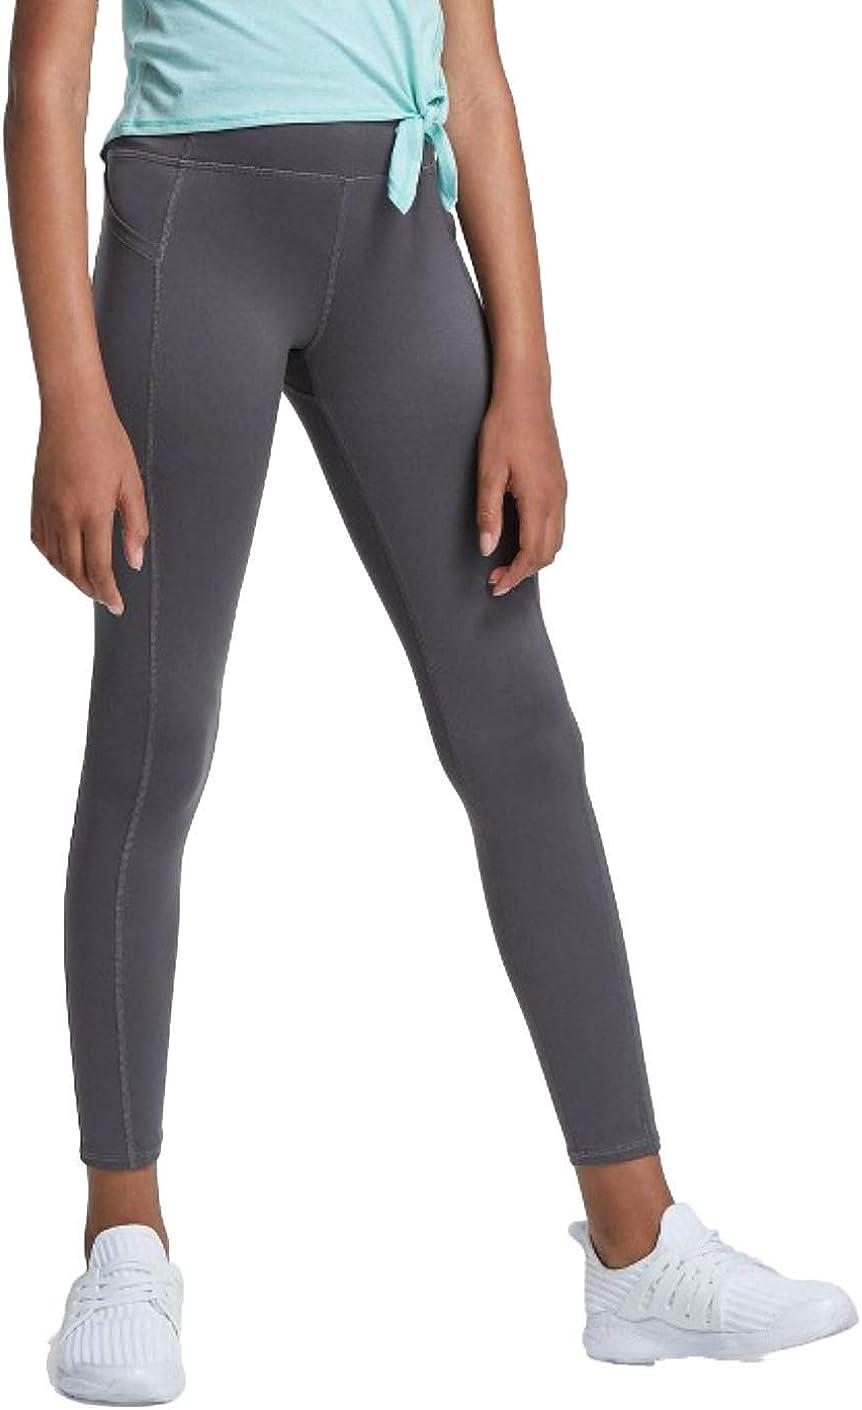 All in Motion Girls' Side Pocket Leggings - Gray -